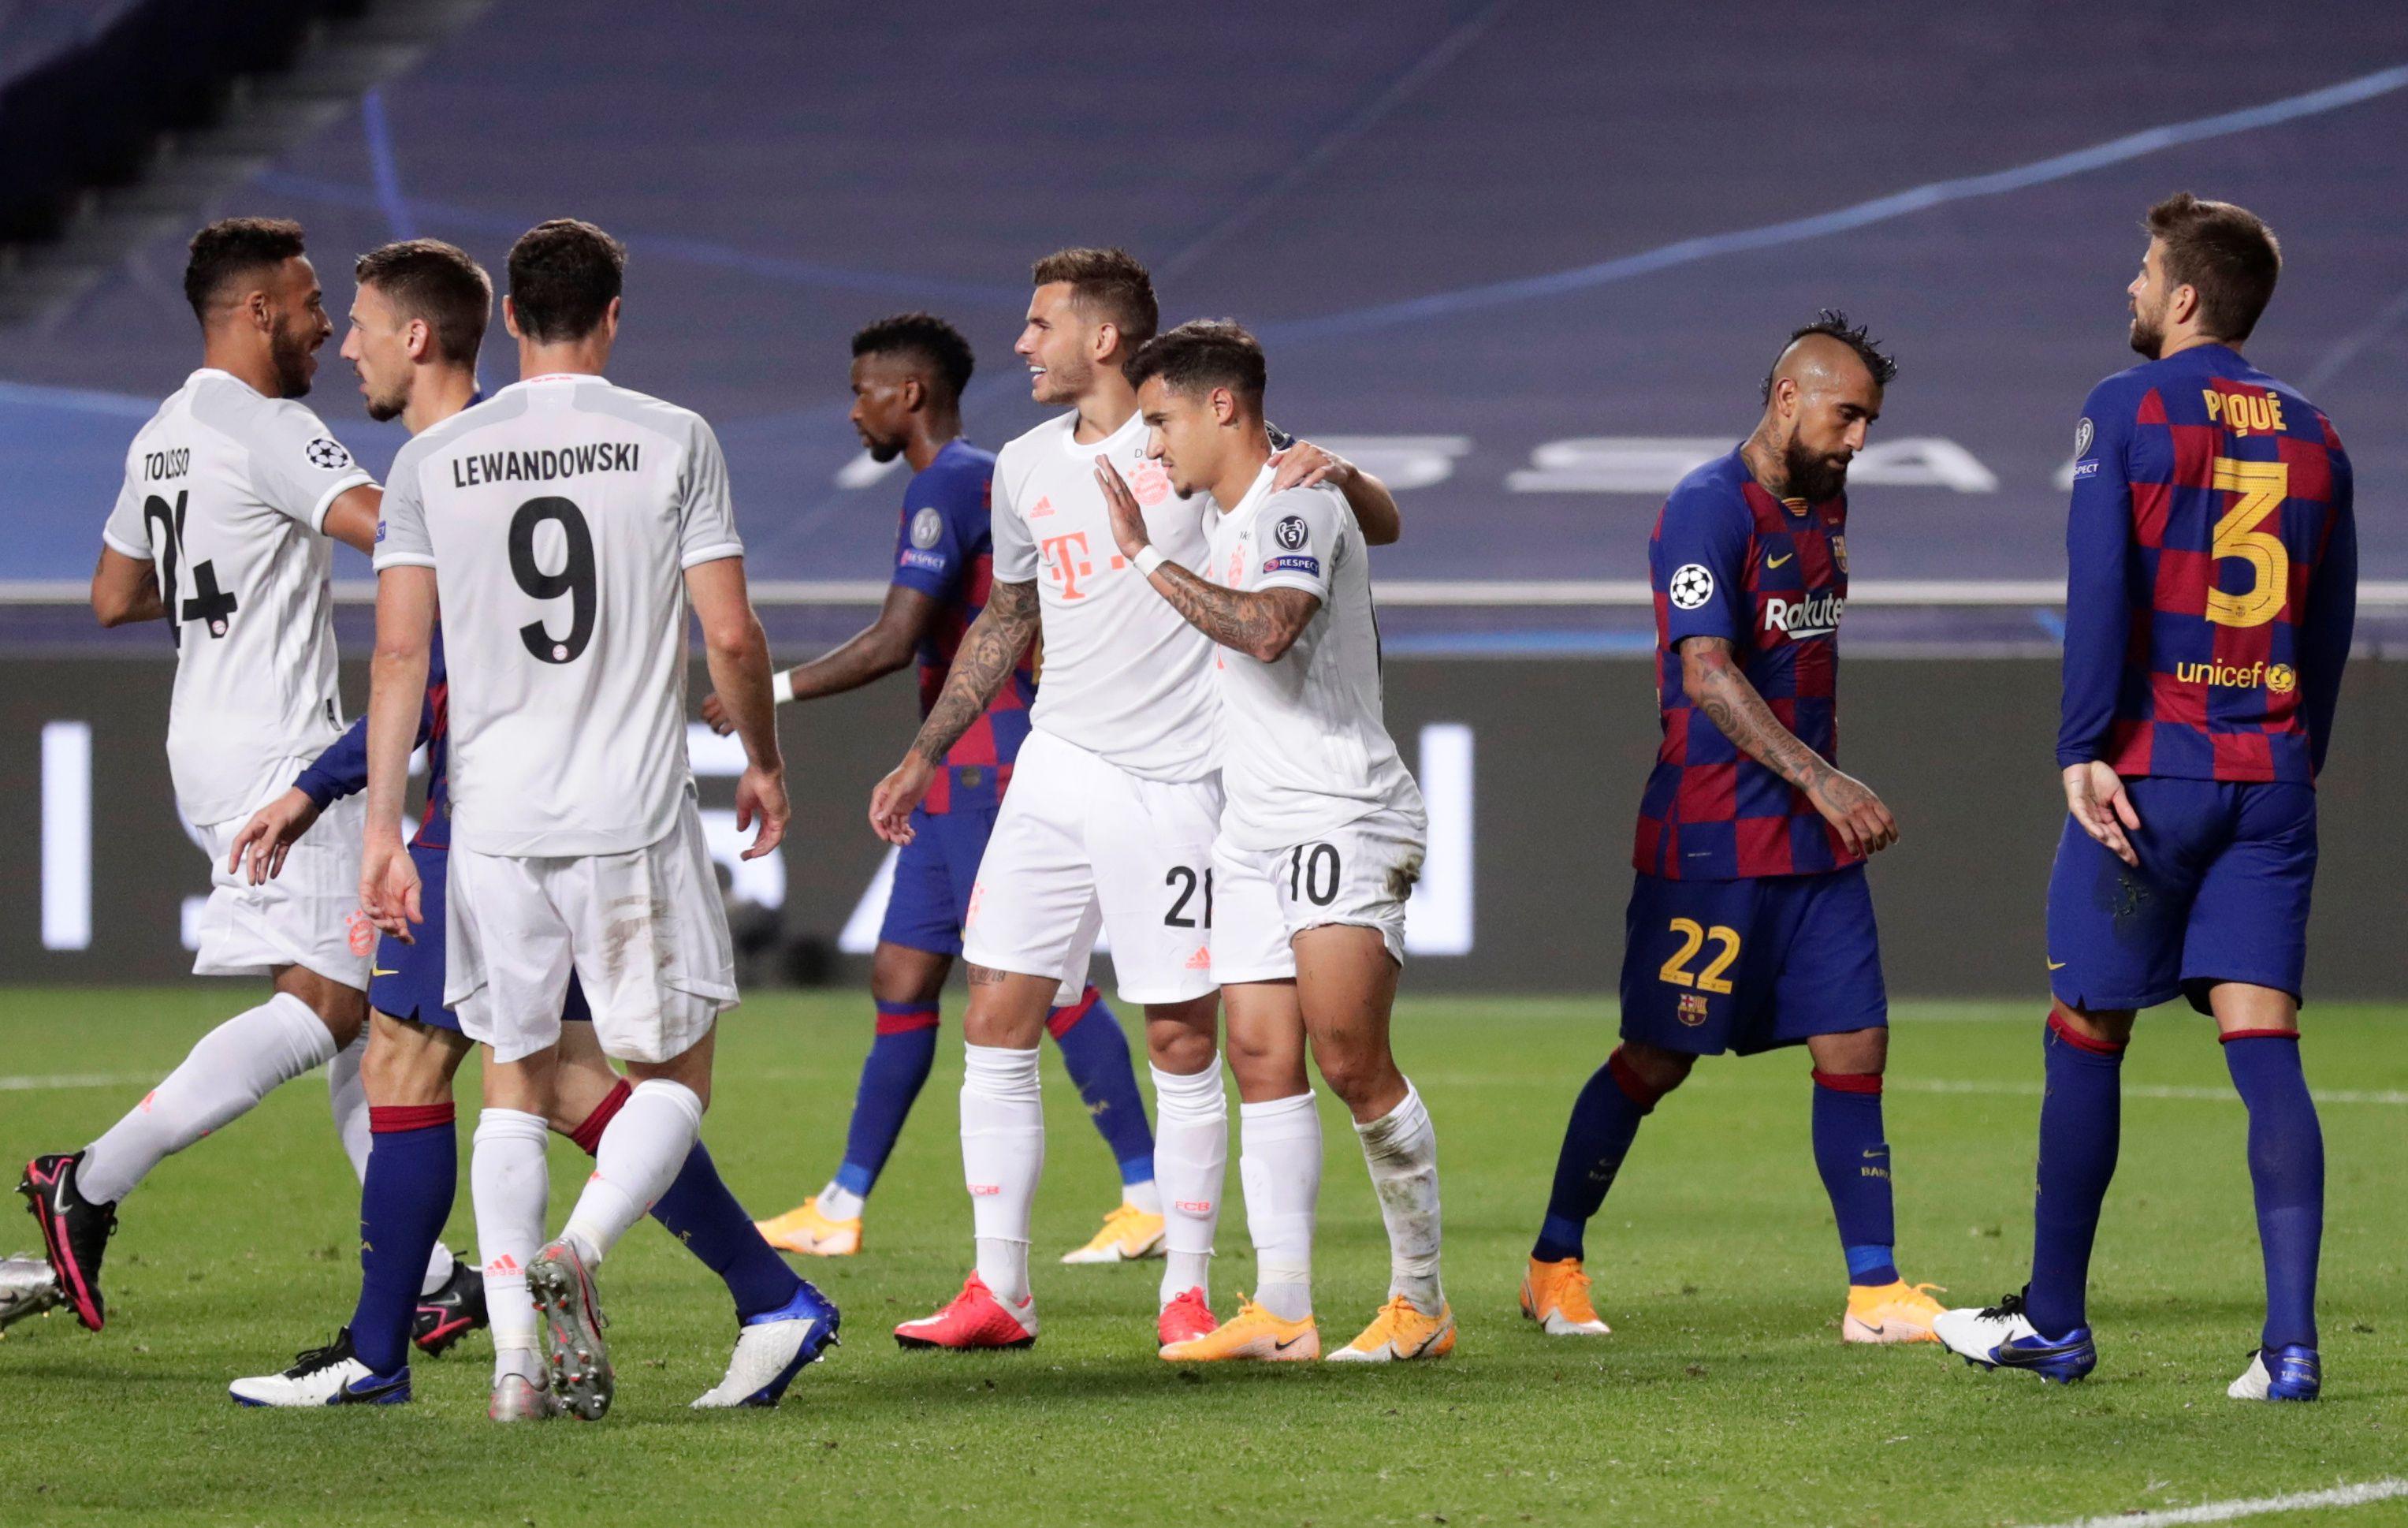 Barcelona sufrió una de las derrotas más duras de su historia (Manu Fernandez/Pool via REUTERS)